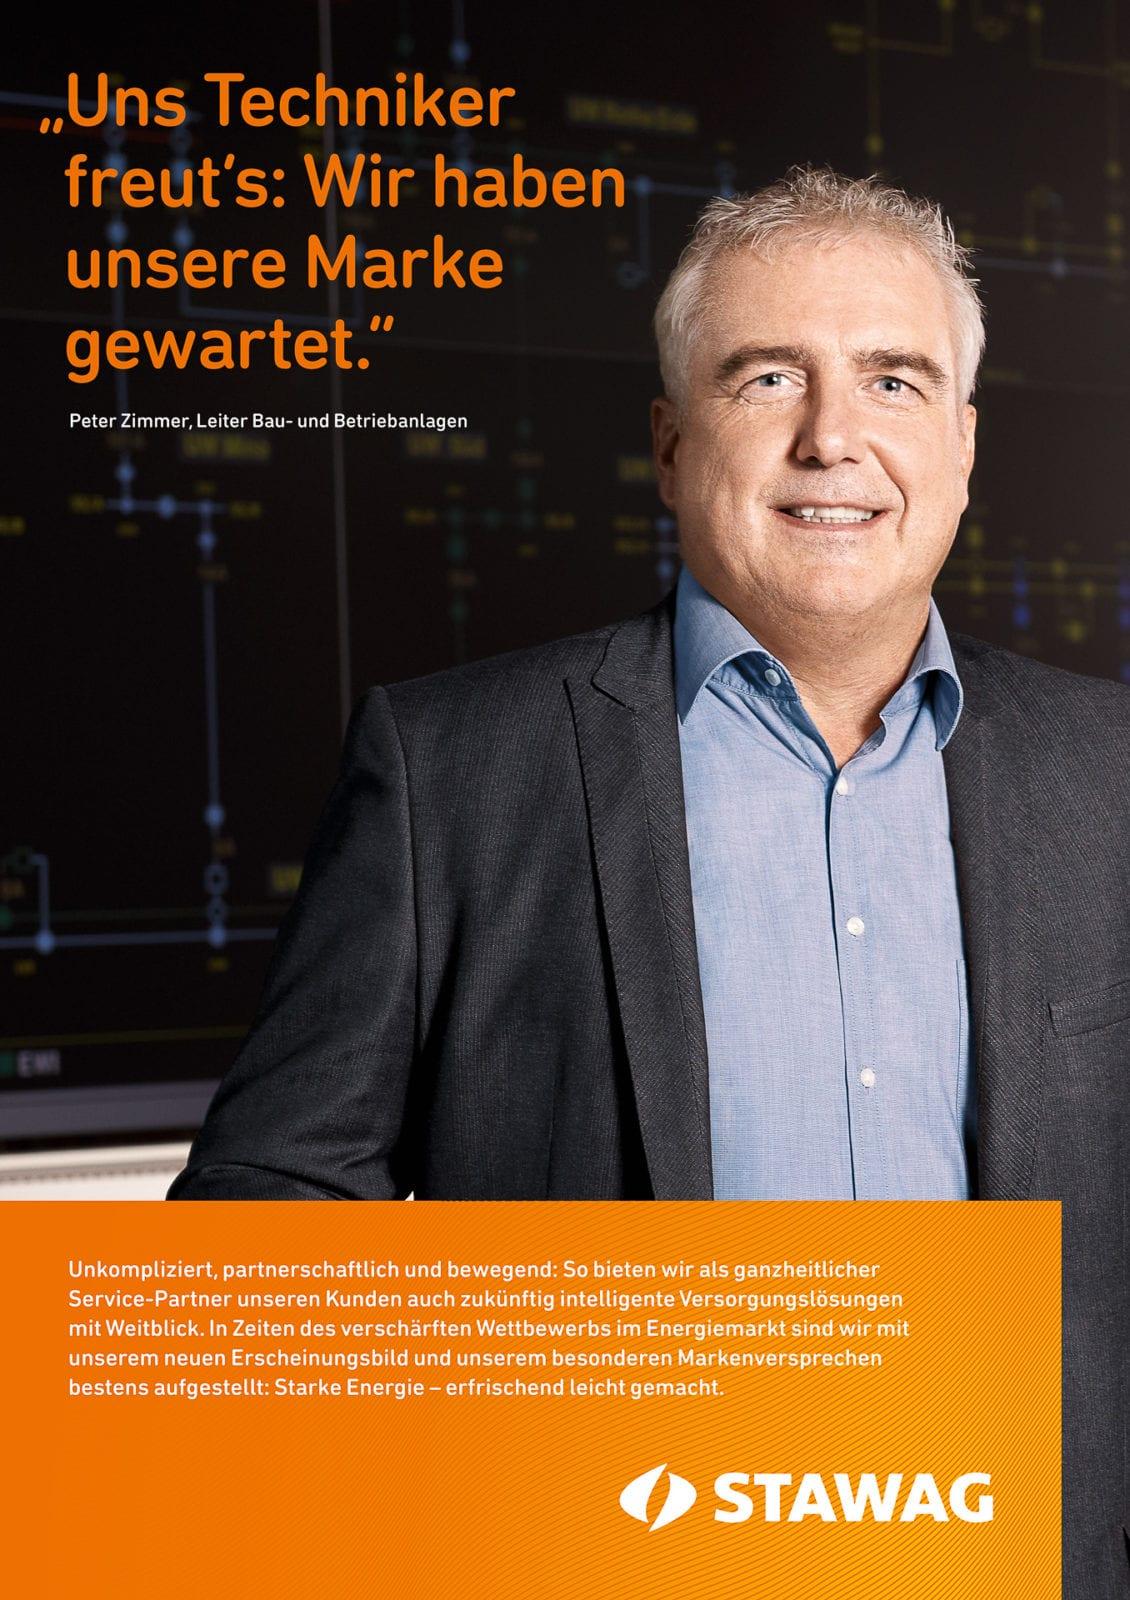 Werbefotografie und Postproduction für den Marken-Relaunch der Stadtwerke Aachen